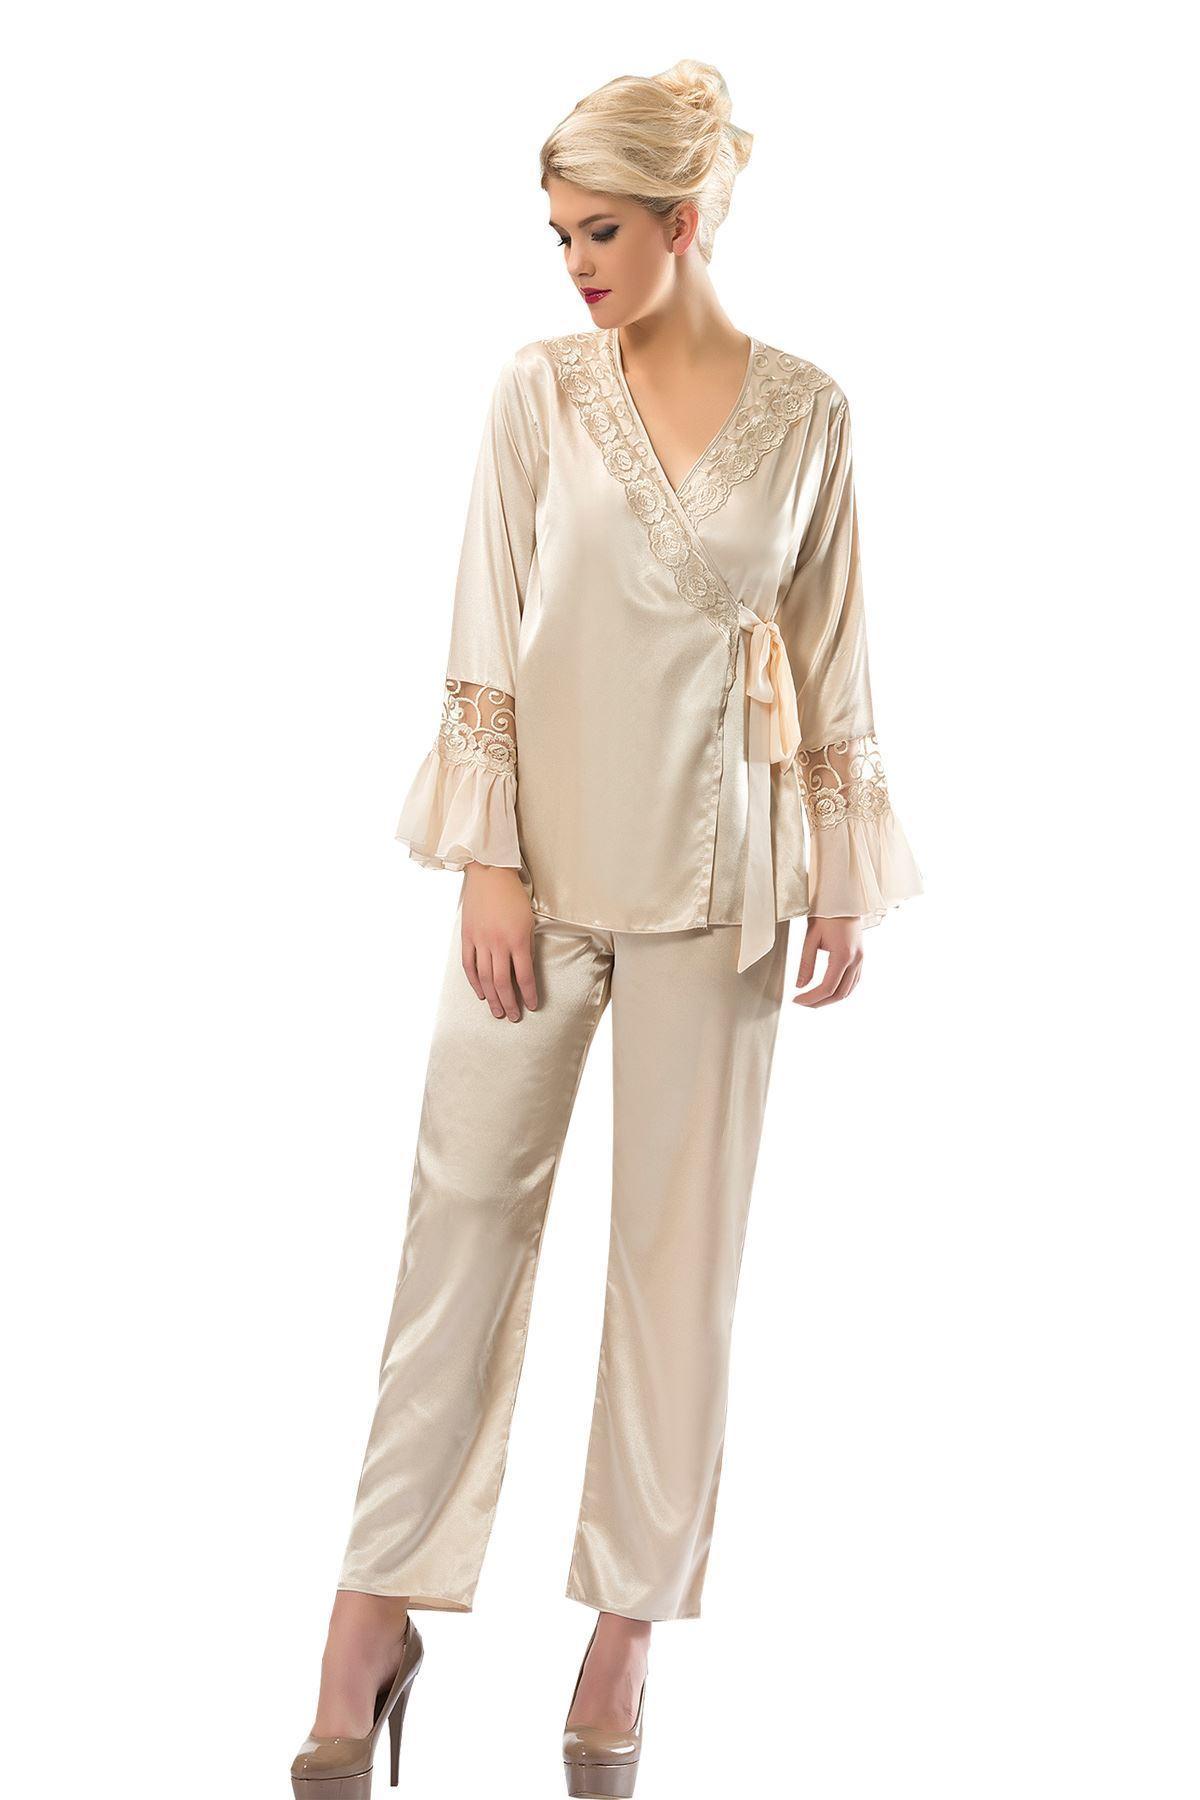 Sistina 1592 Saten Çeyizlik Pijama Takım